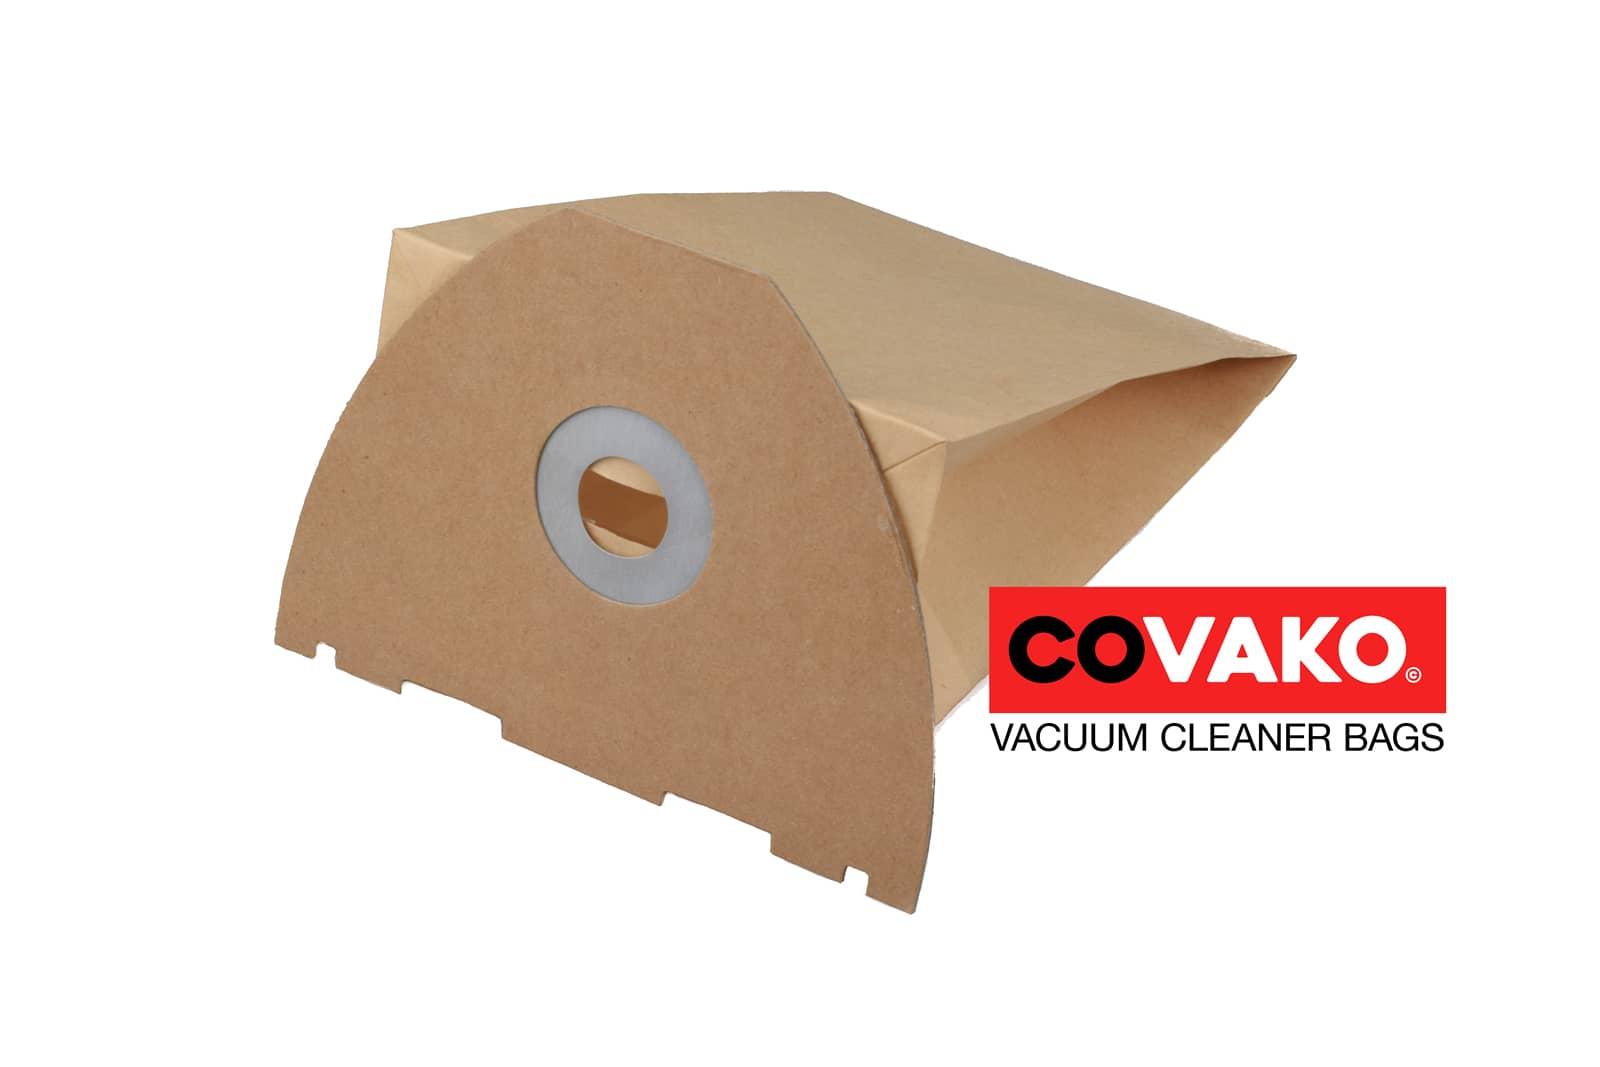 Alto UZ 964 / Papier - Alto sacs d'aspirateur